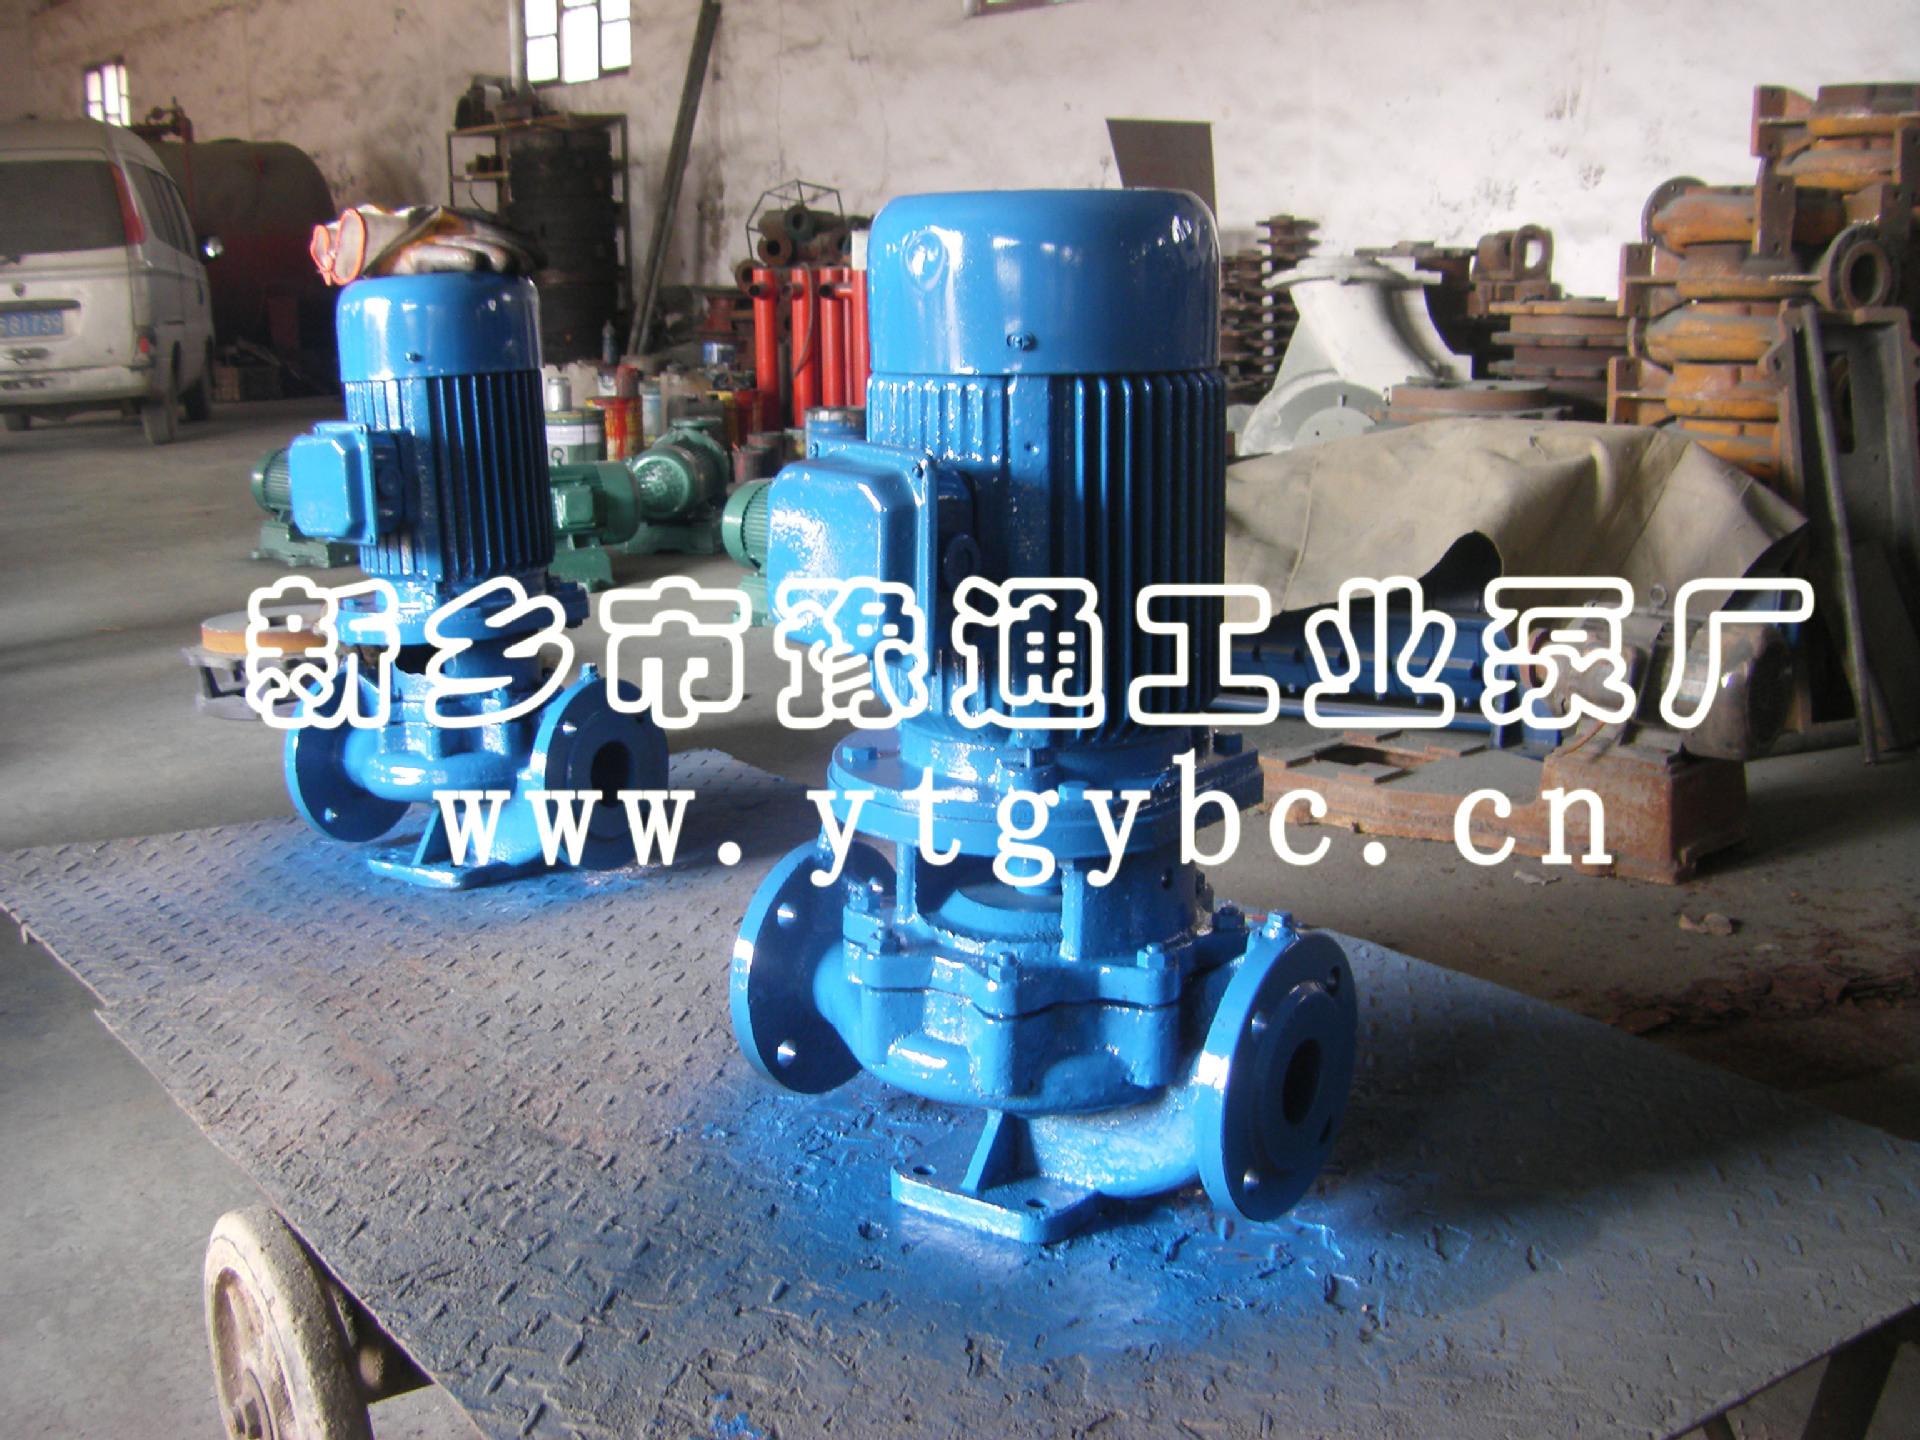 供应ISG40-125管道泵-1.1kw立式管道泵-ISG立式管道泵维修